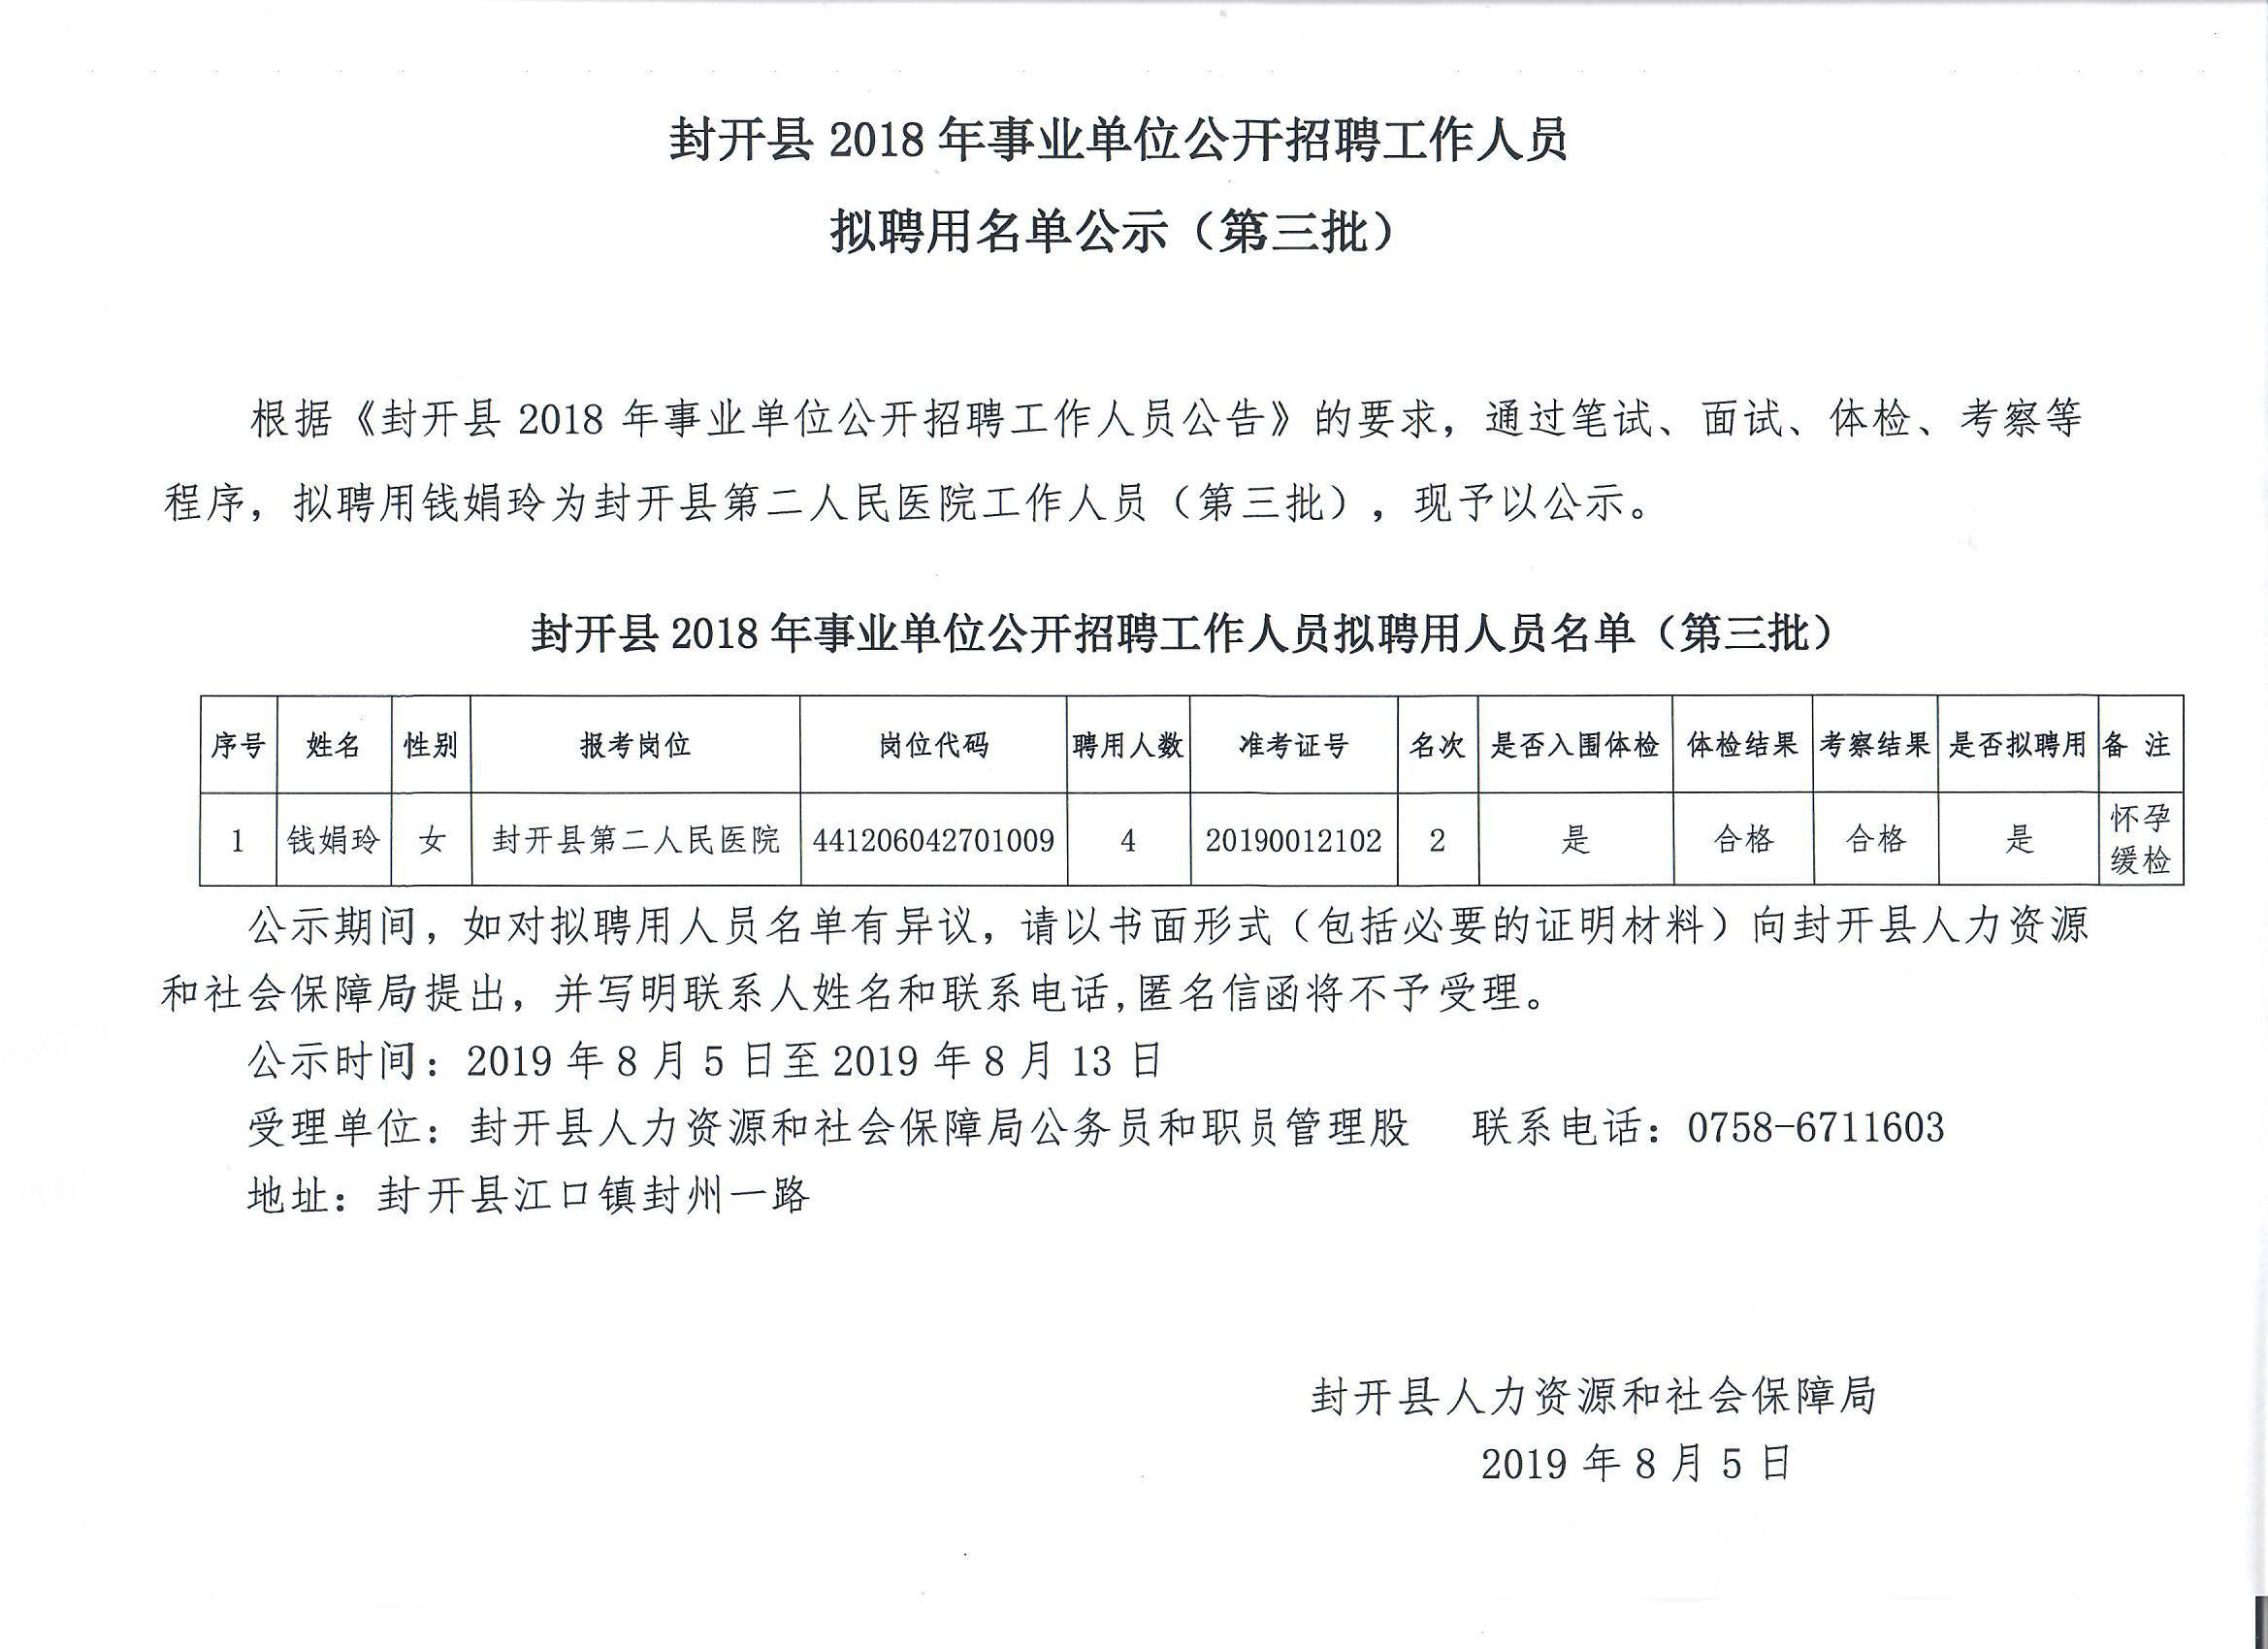 2018年肇慶市封開縣事業單位招聘工作人員擬聘公示(第三批)